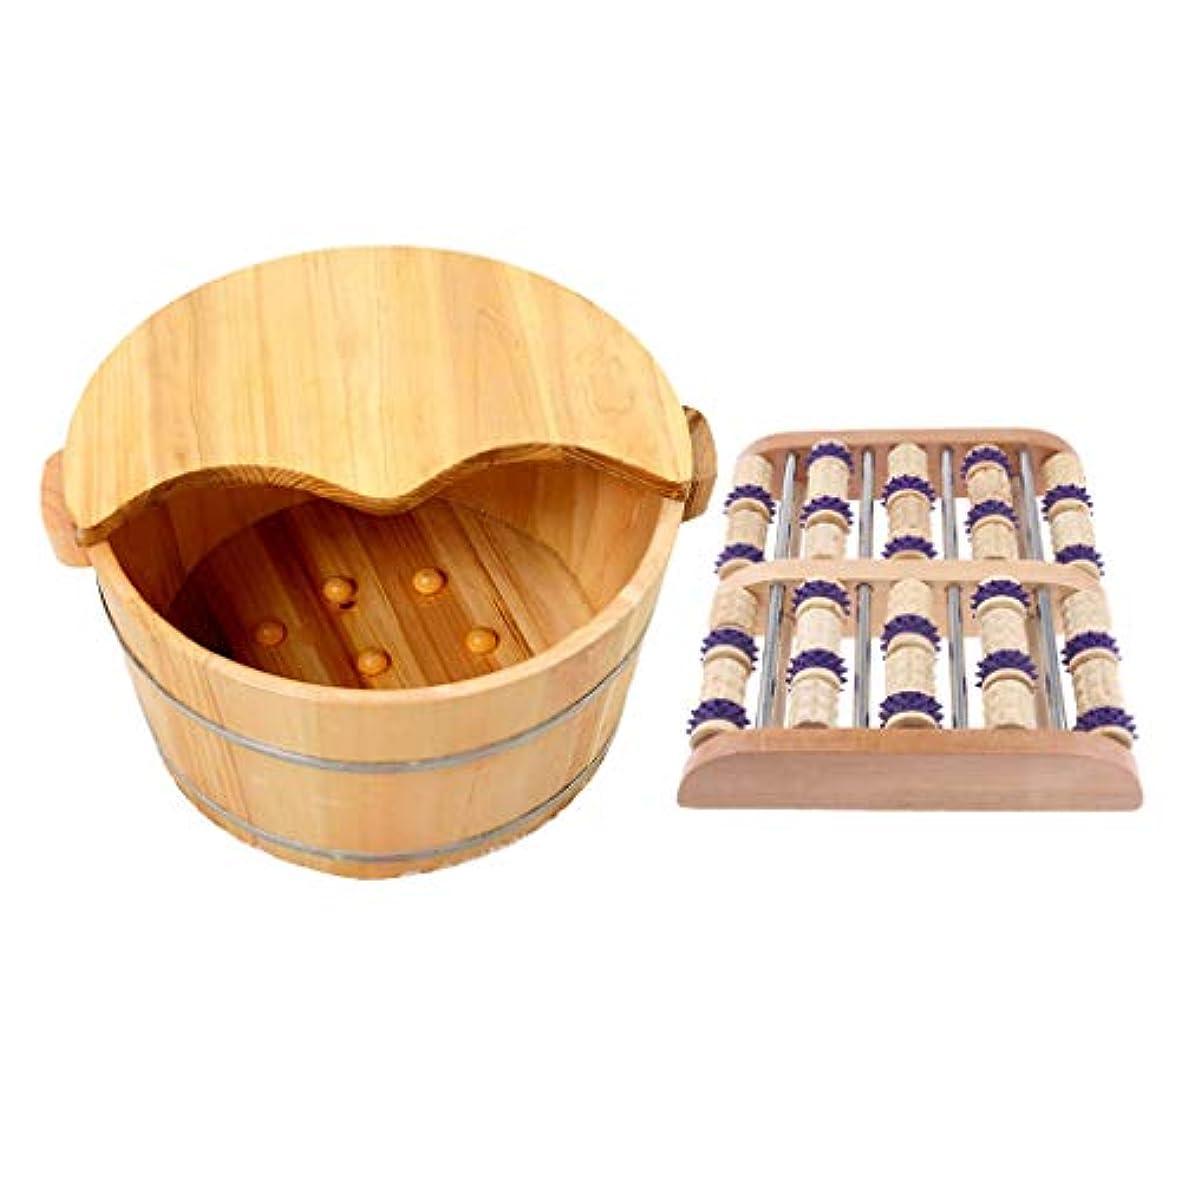 モナリザポスターシャッフルgazechimp 足つぼ マット マッサージフット 手作りウッド タイトステッチ 足裏 ツボ押健康木製の足の洗面台付き